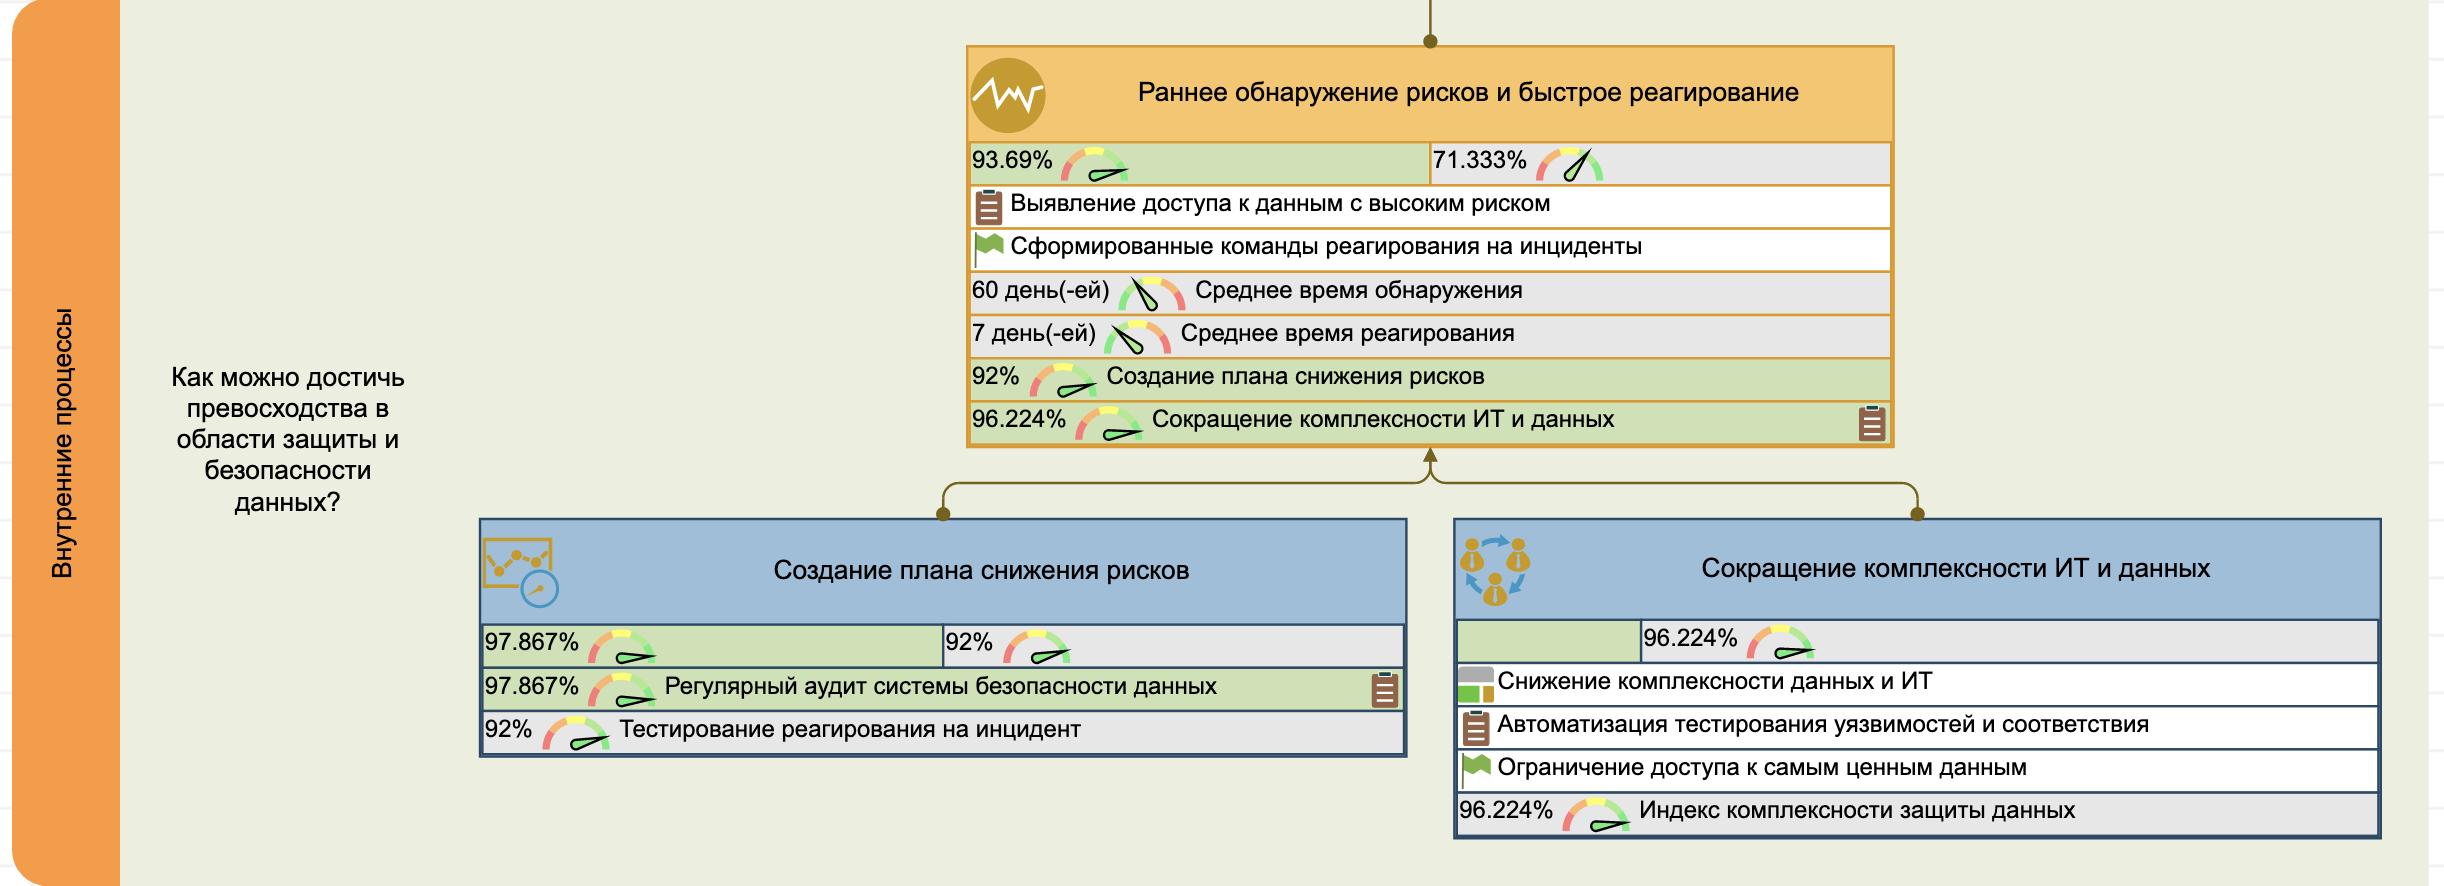 Перспектива внутренних процессов для ССП безопасности данных